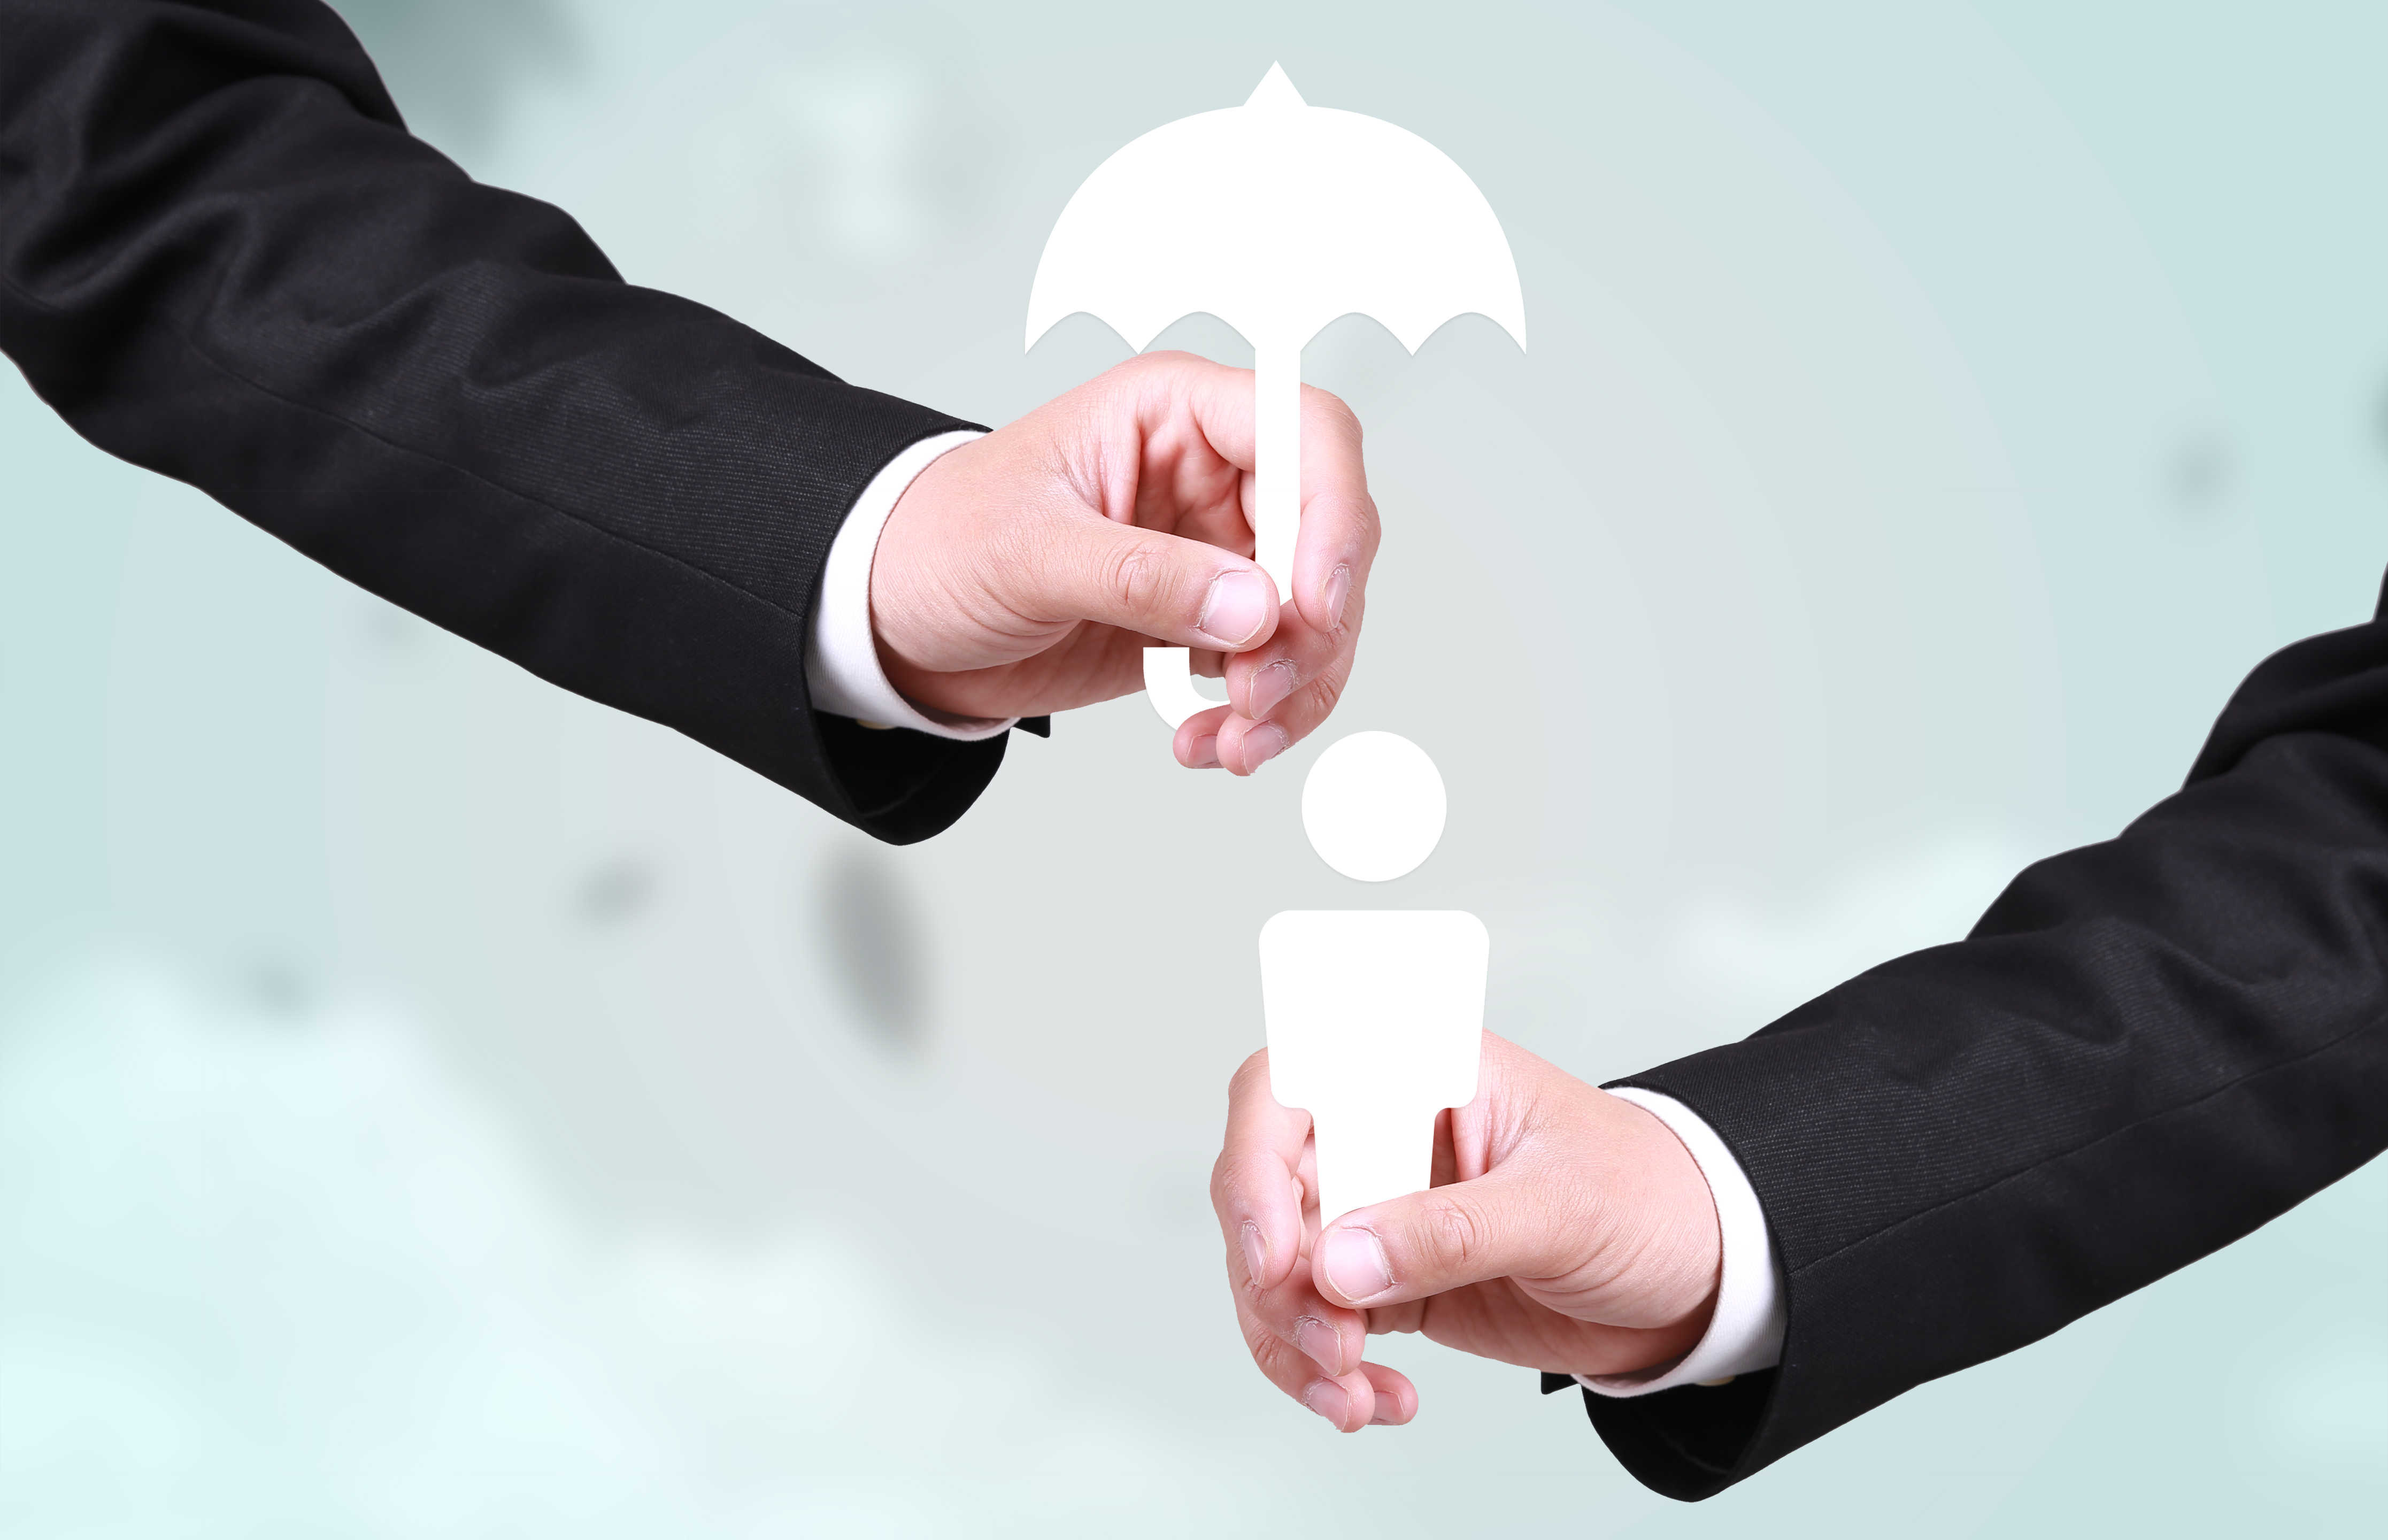 如何办理停保业务,代缴社保的公司,代理社保